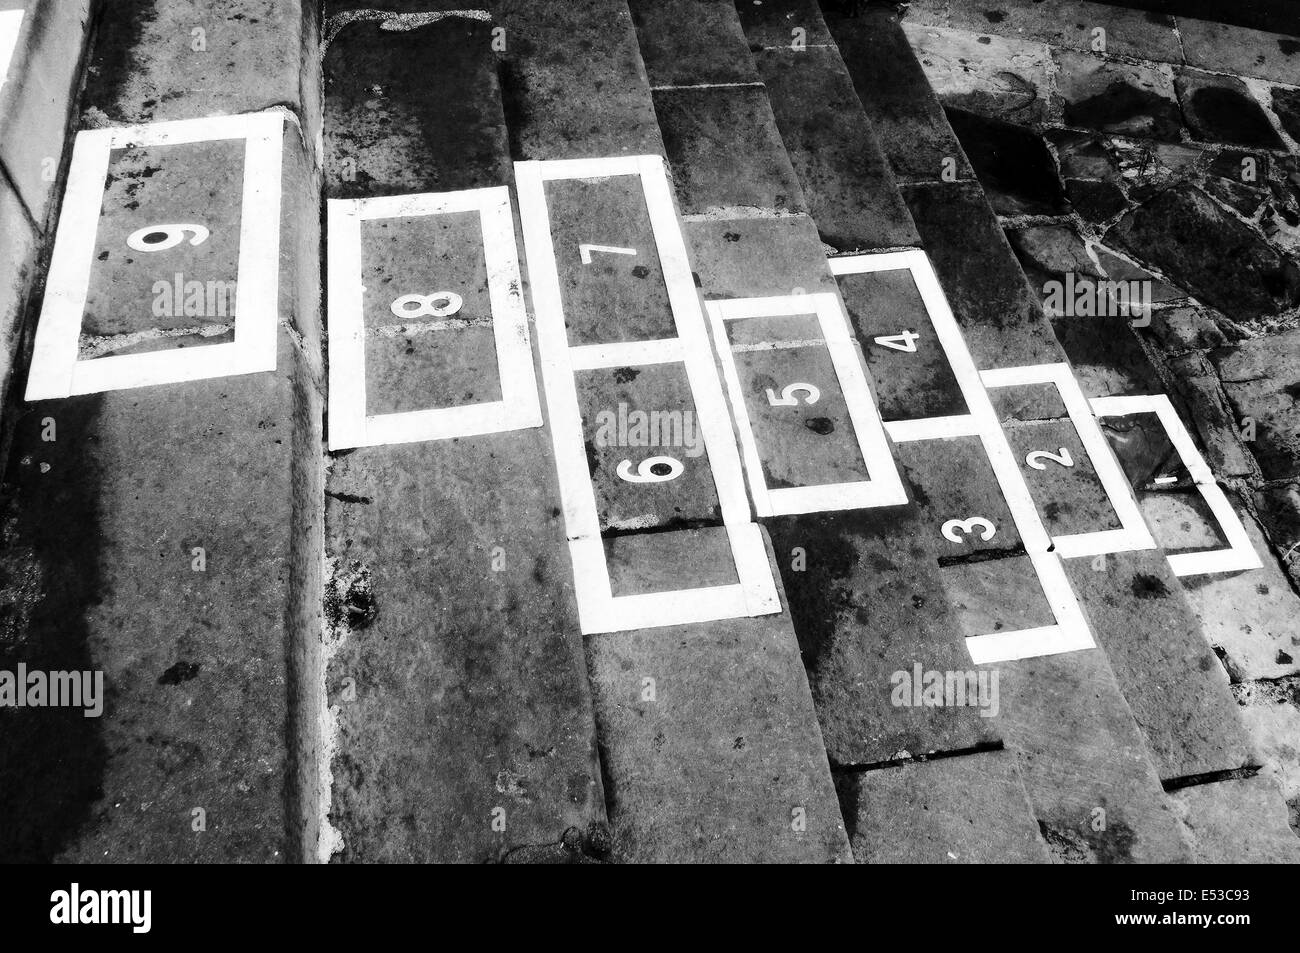 La petite enfance la marelle jeu sur le noir et blanc Banque D'Images